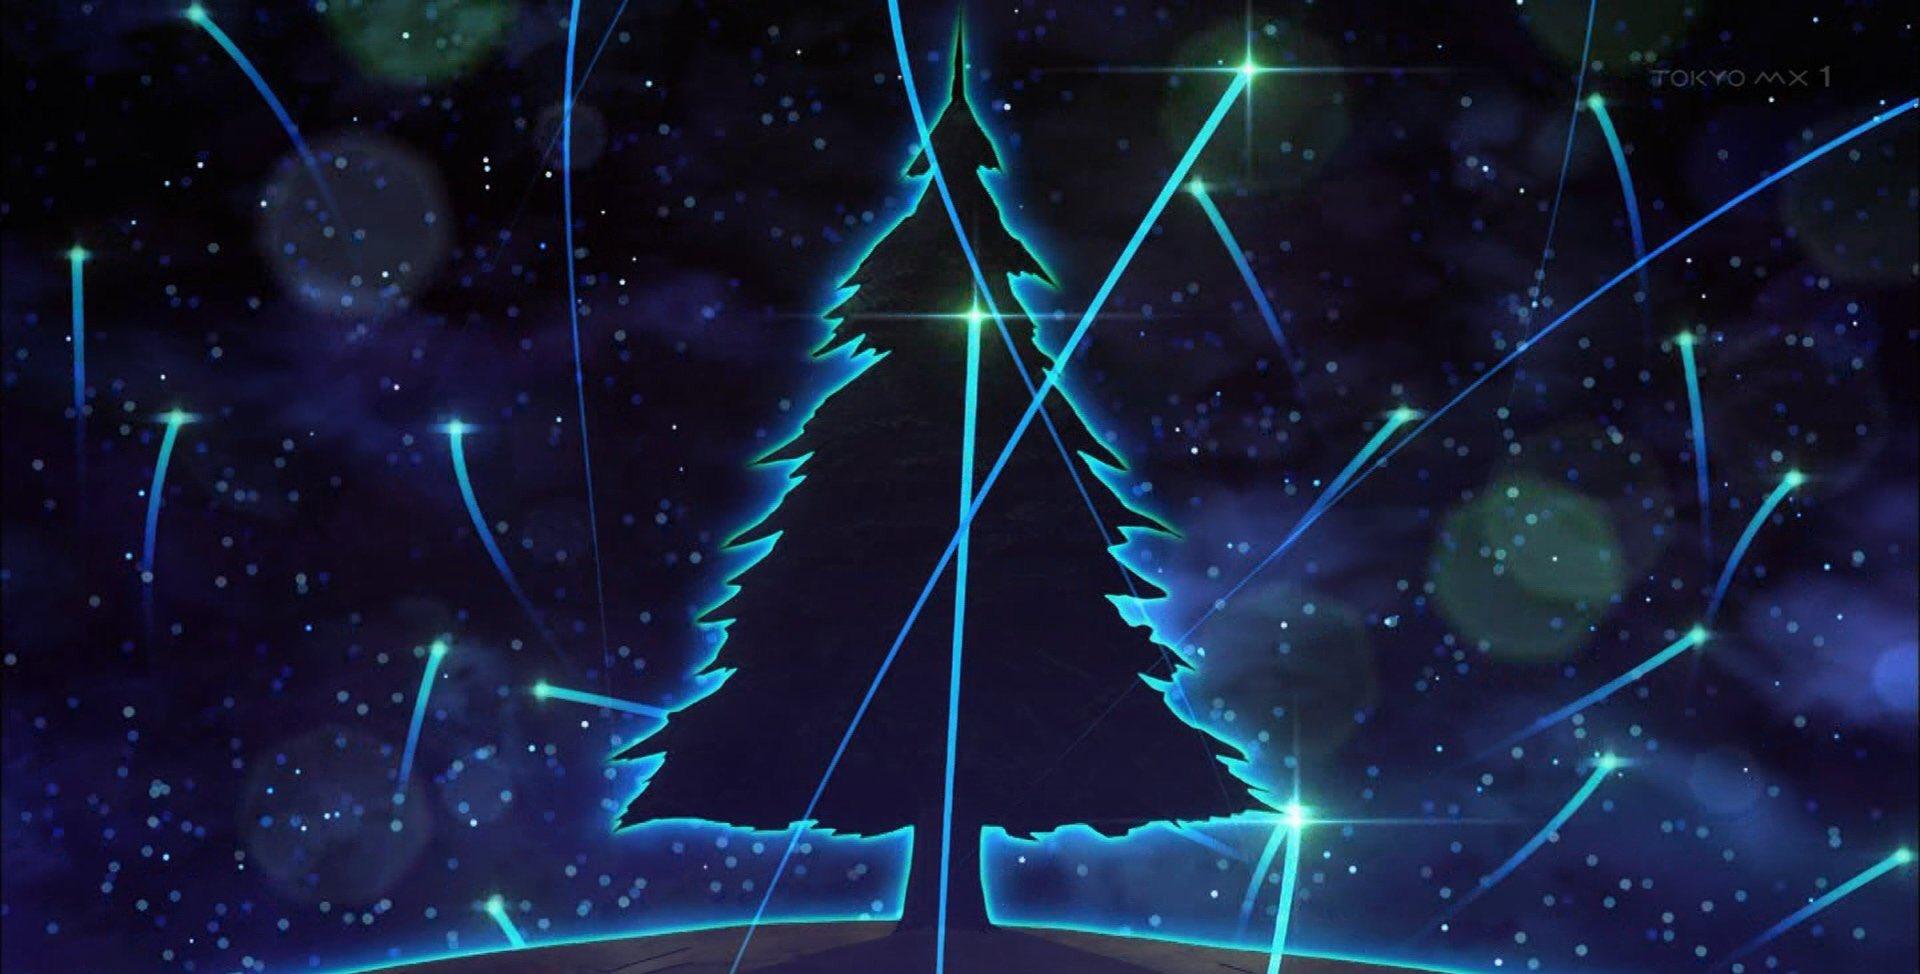 キリトの剣のイメージがこれで木生える  #sao_anime https://t.co/8EHoL0P2RU